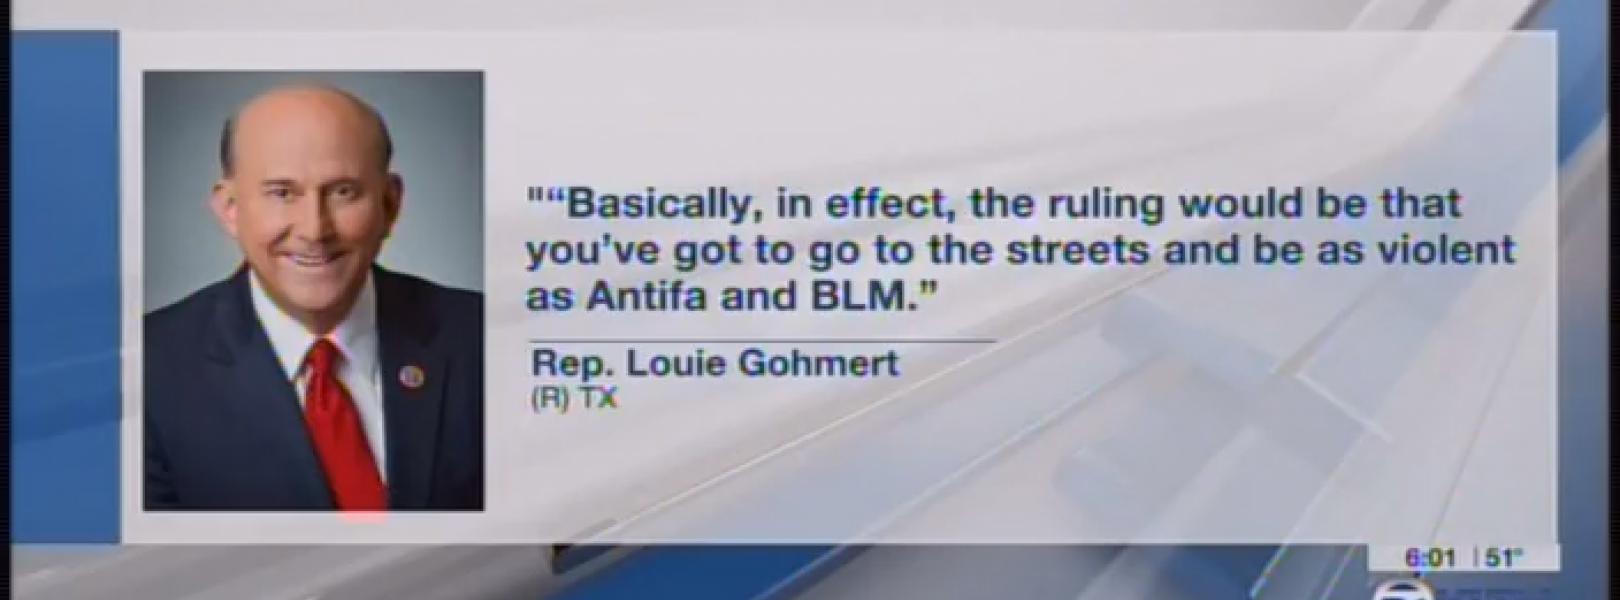 KLTV covering Rep. Louie Gohmert's comments